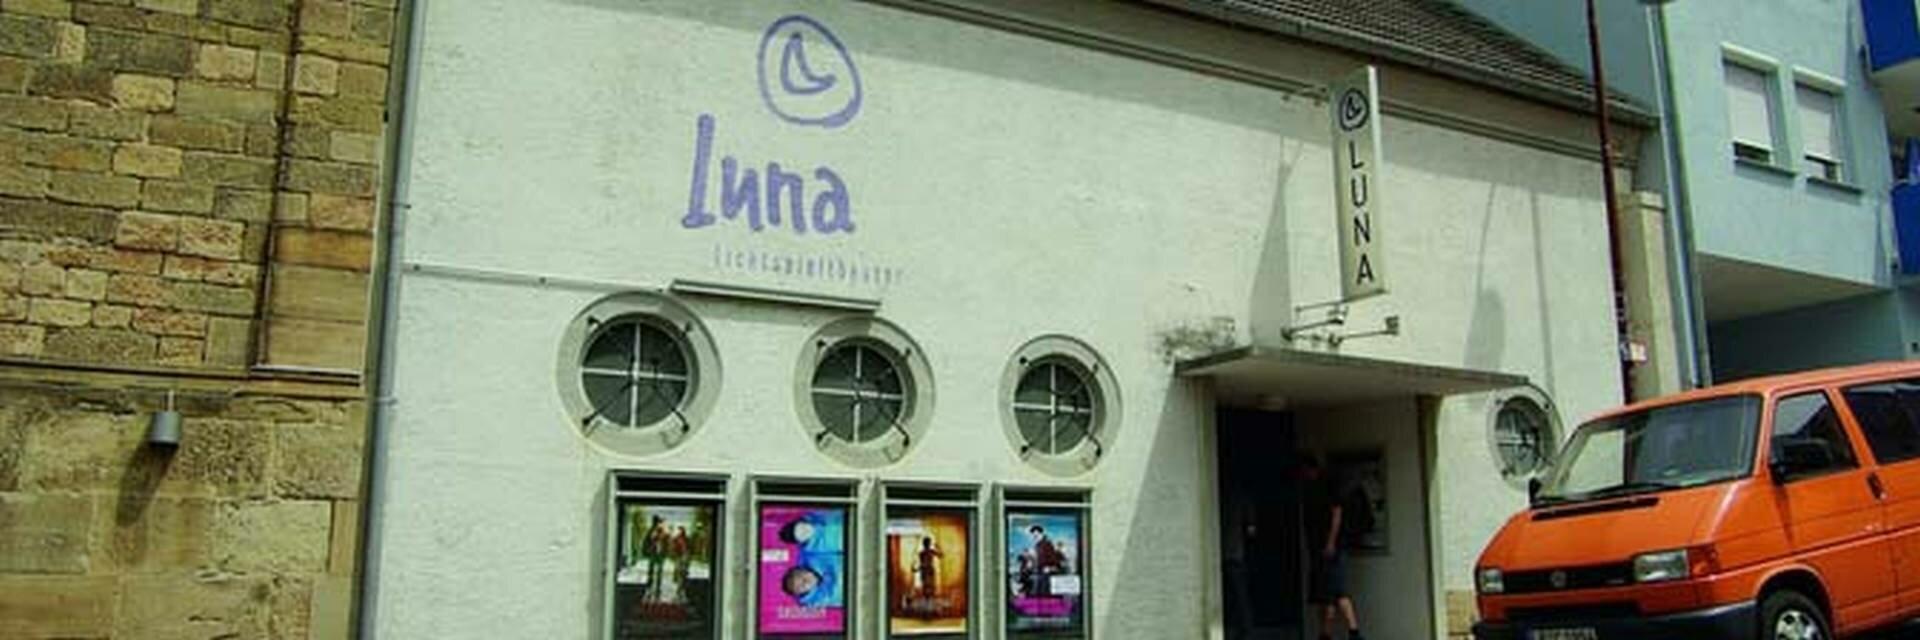 Luna-Lichtspieltheater